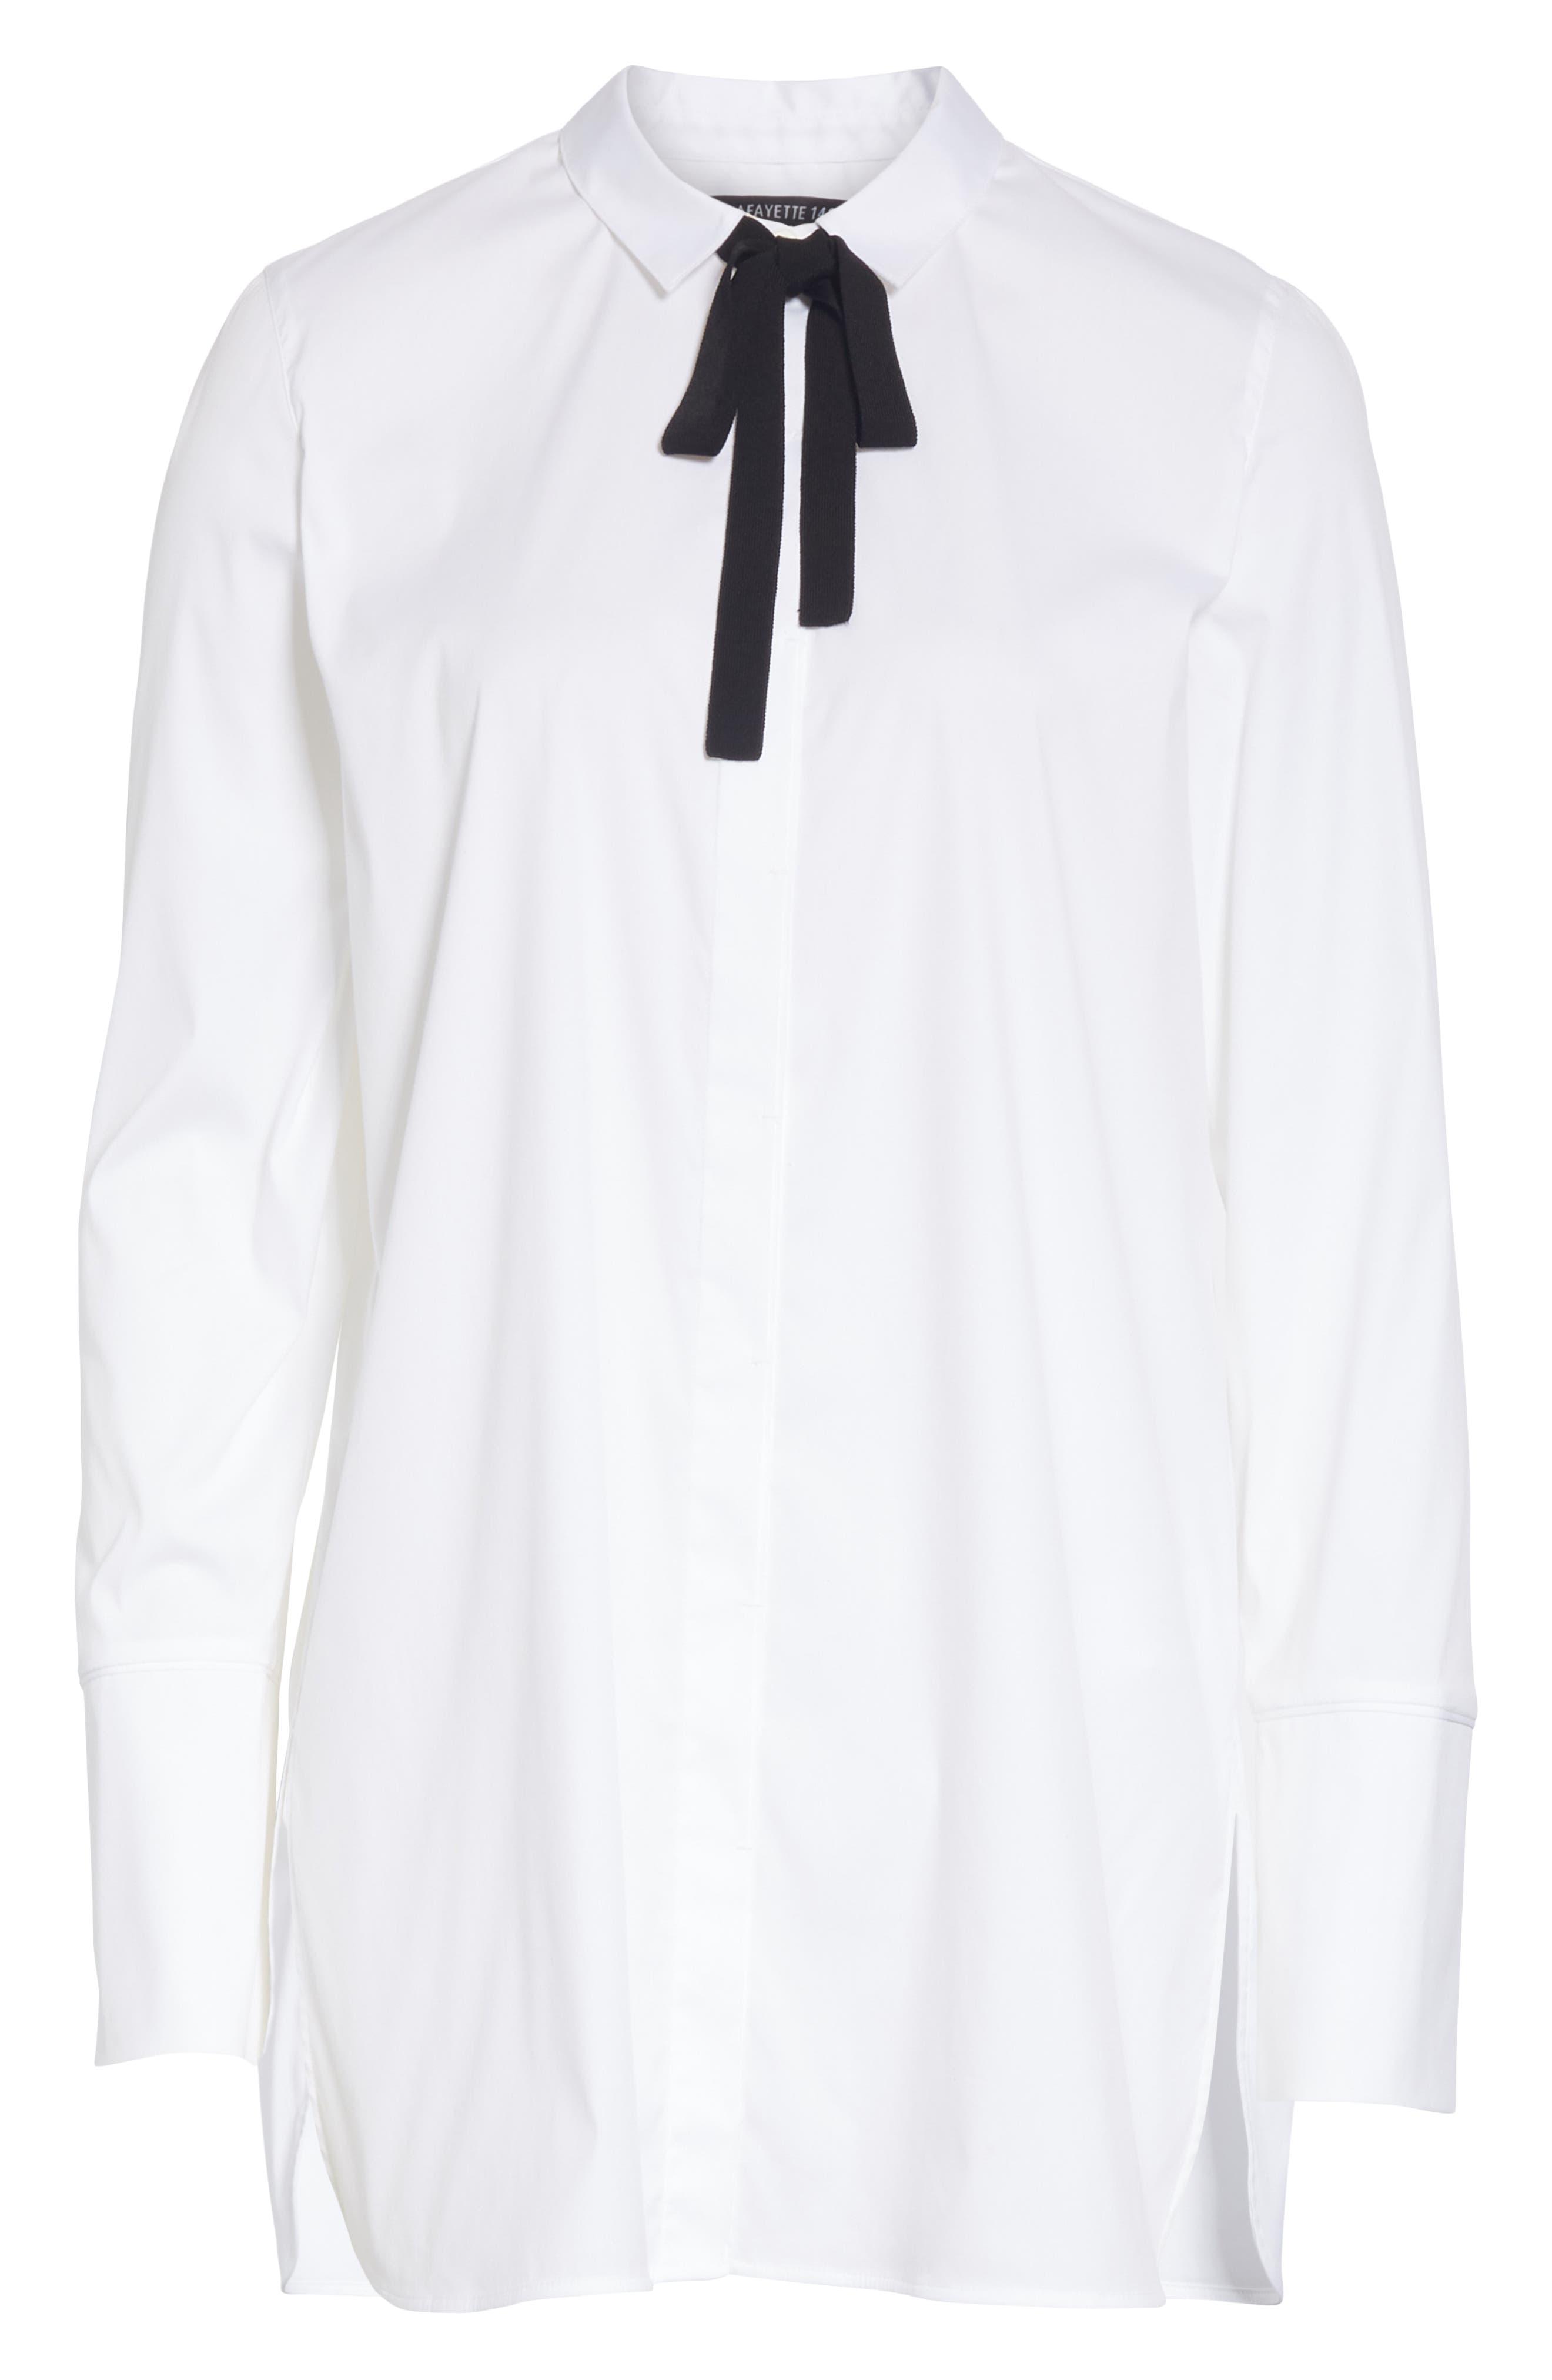 Annaliese Shirt,                             Alternate thumbnail 8, color,                             WHITE